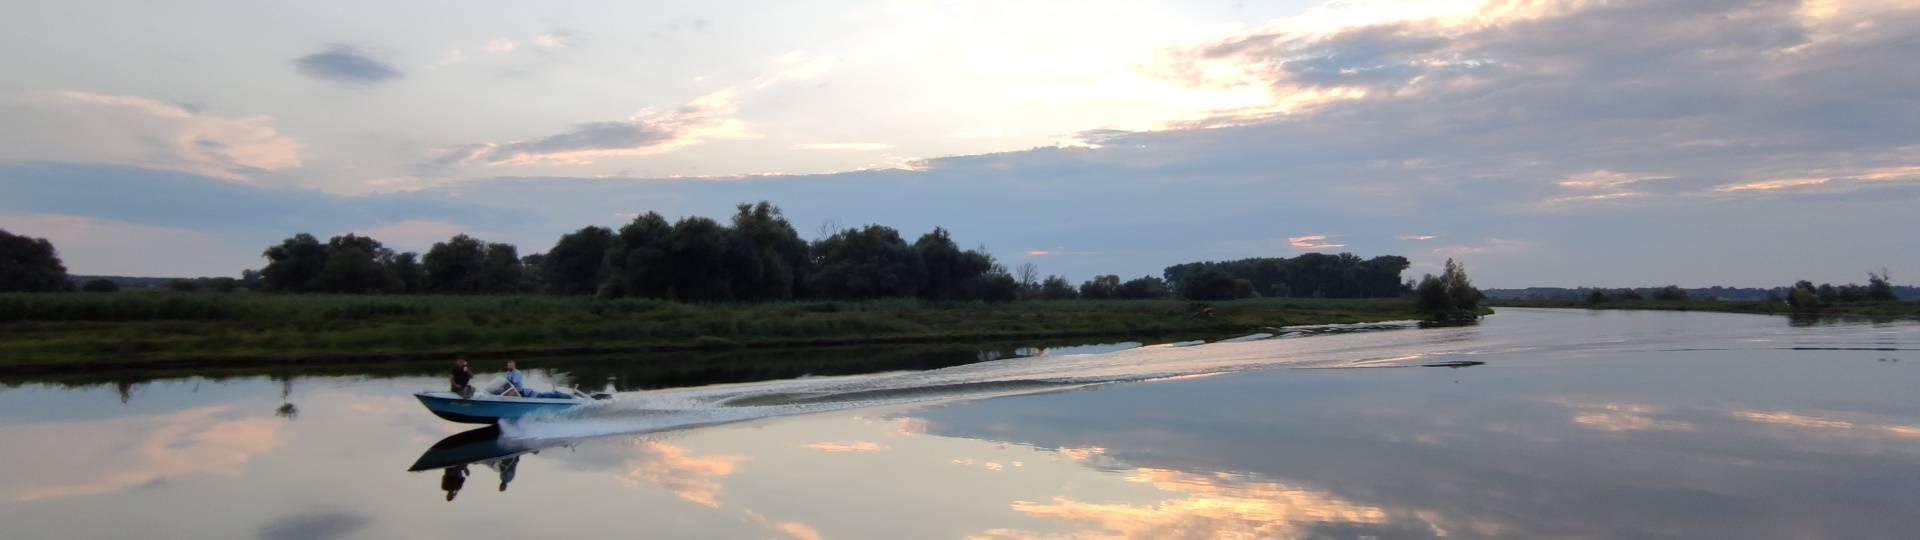 wie auf wolken durchs wasser gleiten ©Hansestadt Havelberg